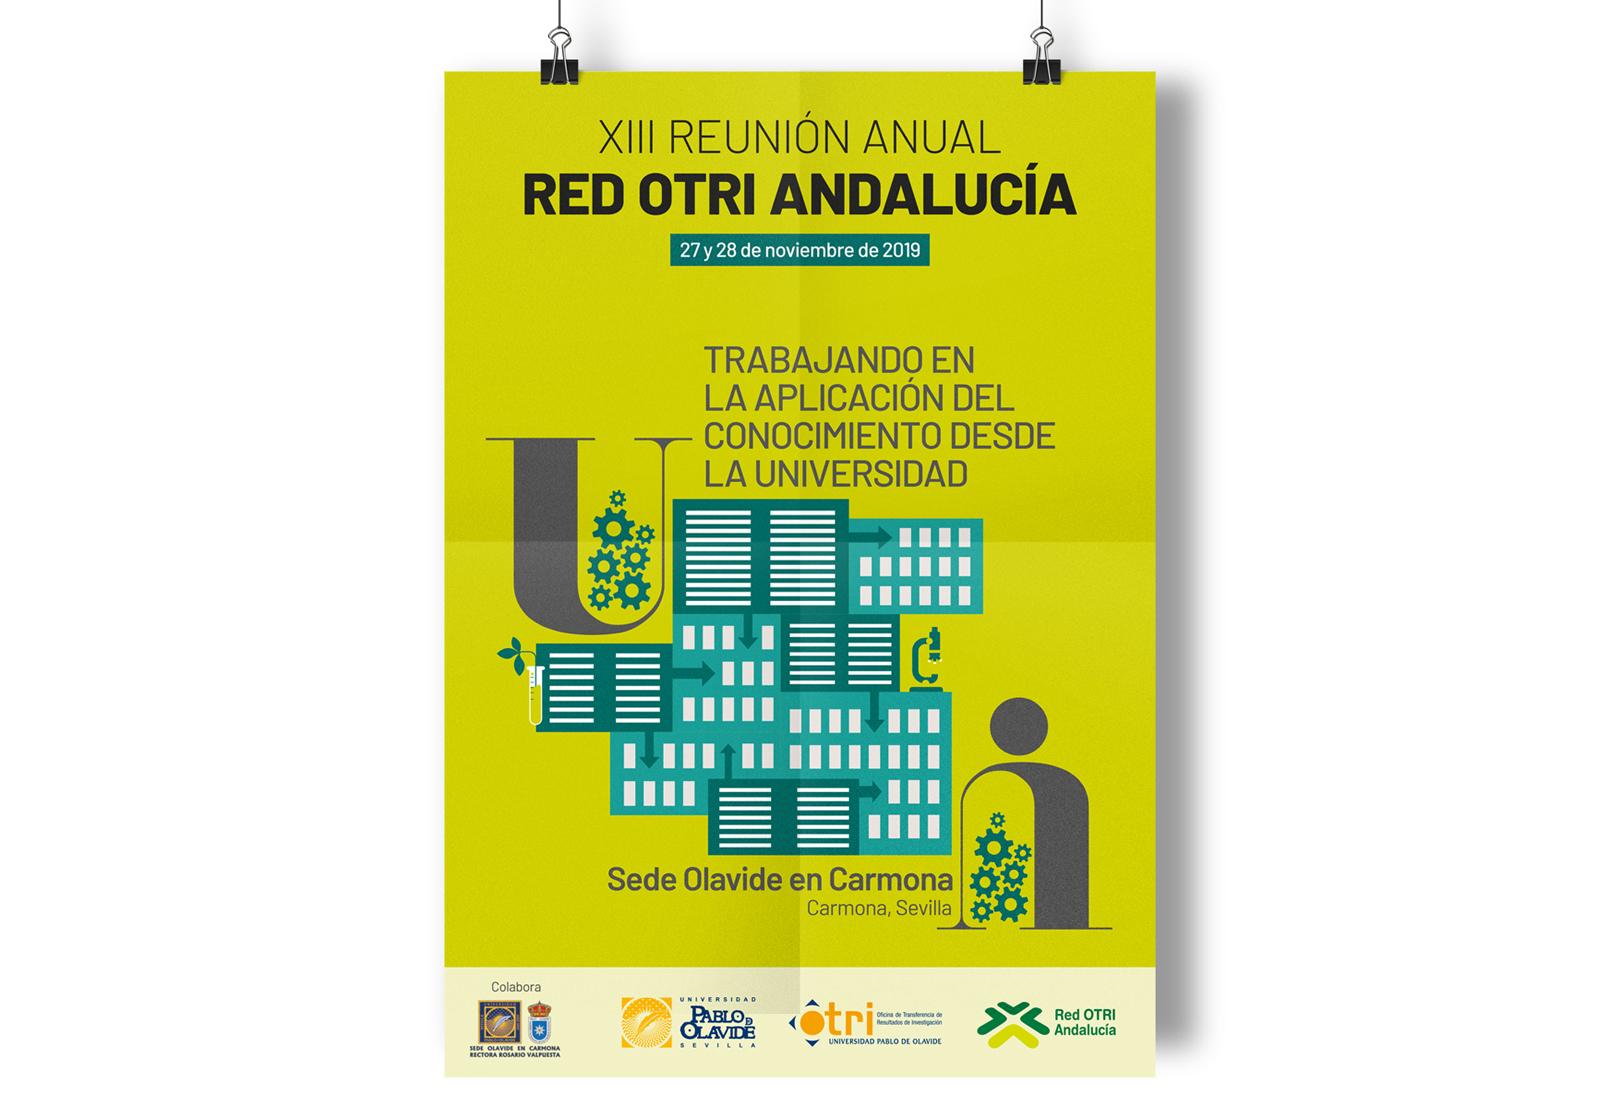 Diseño de imagen de Congreso OTRI-UPO. Diseño de cartel